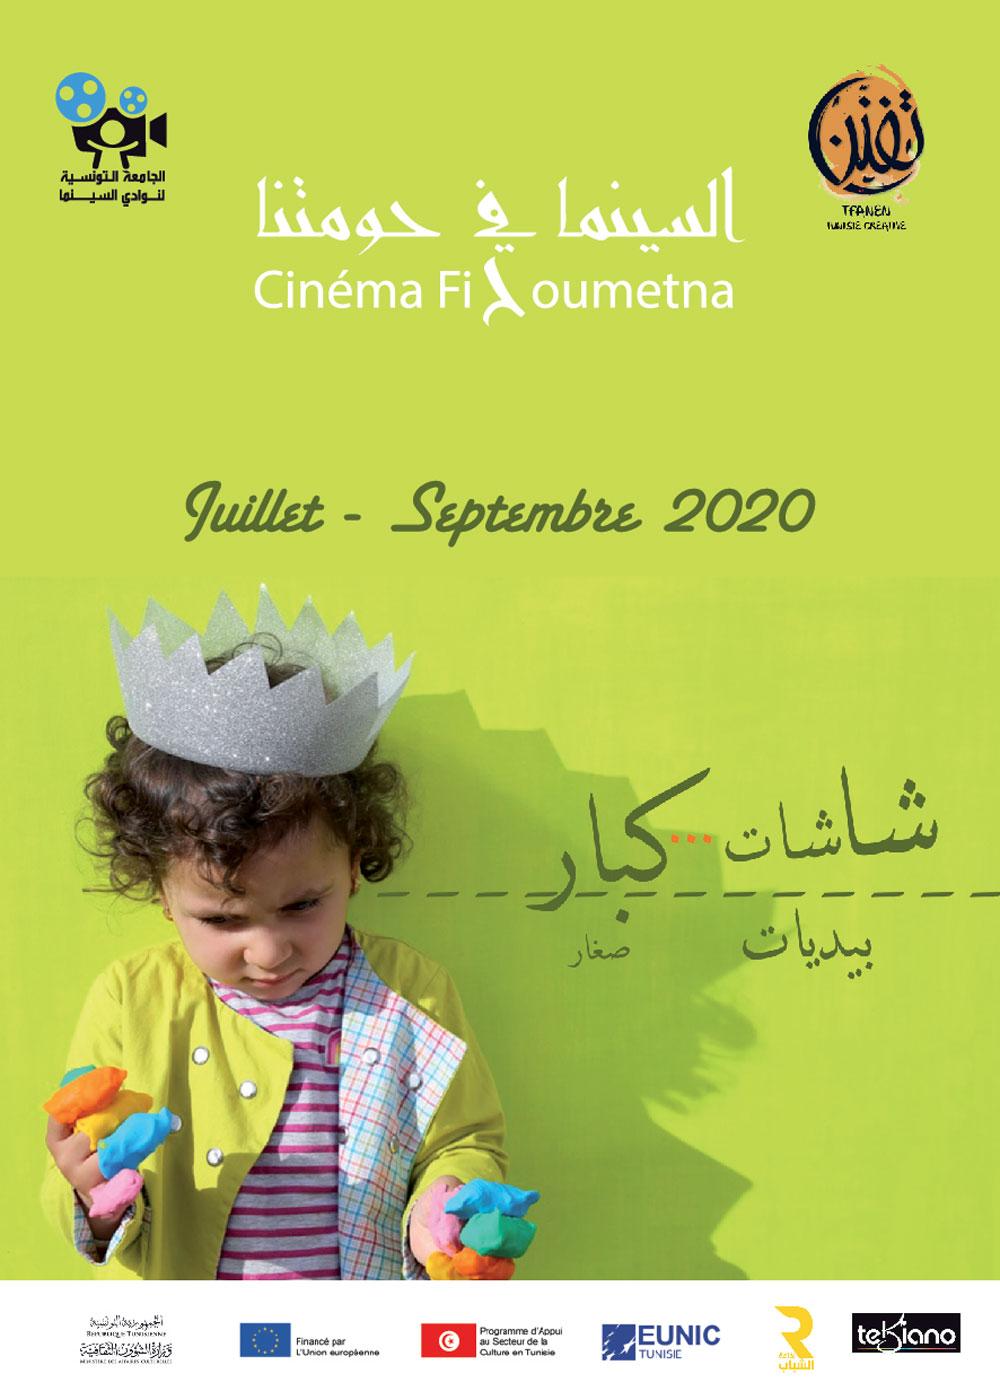 cine-020720-5.jpg